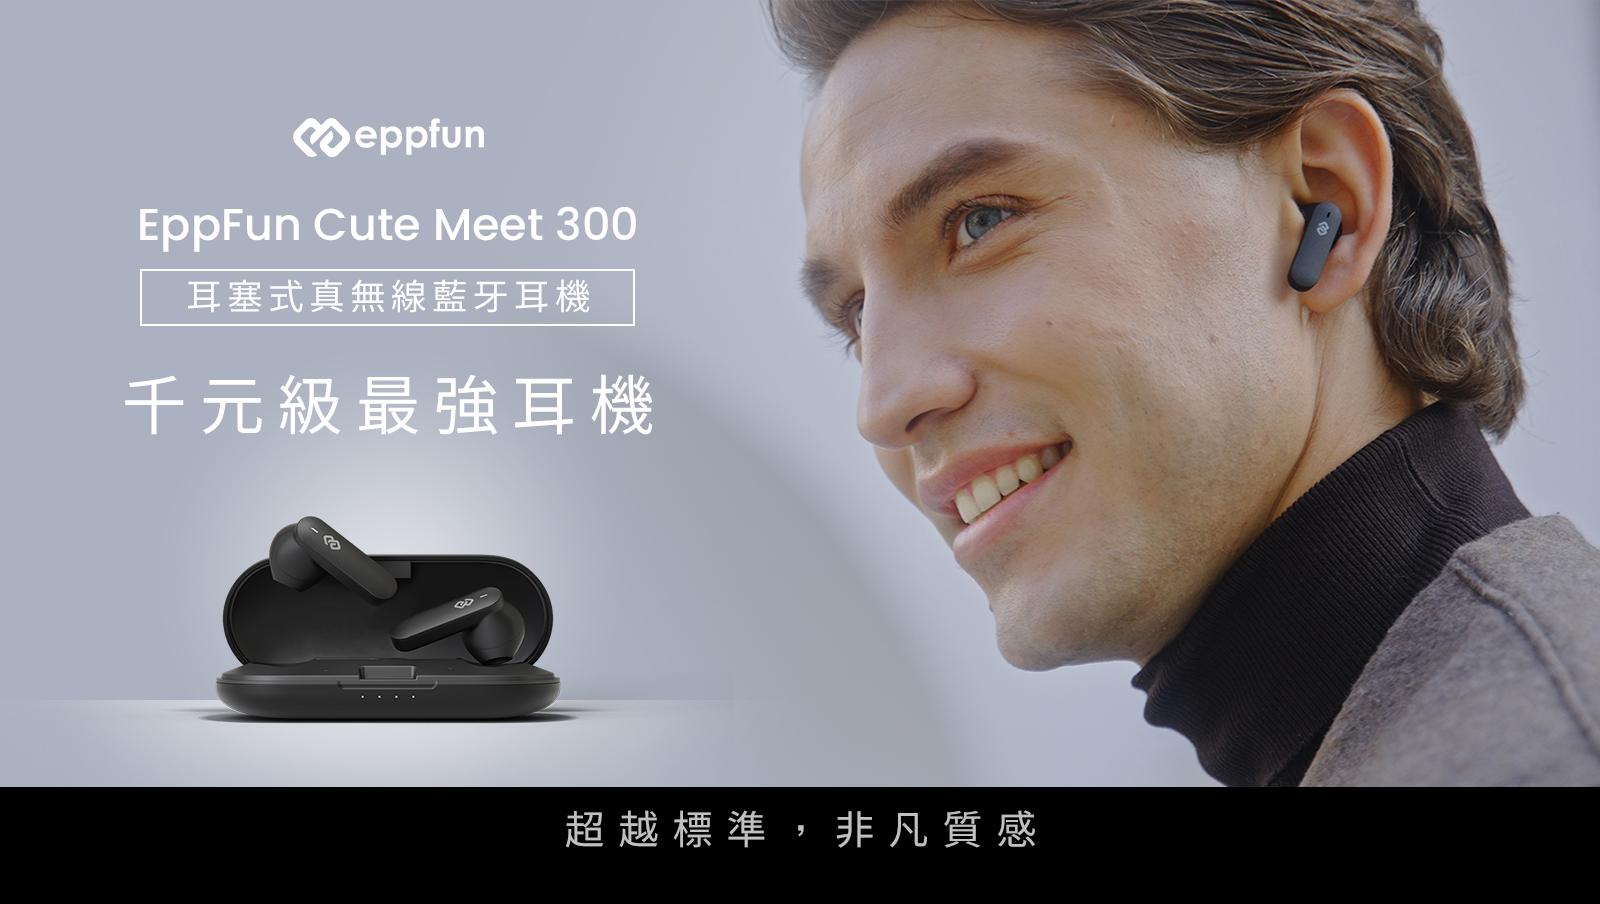 【千元頂規】EppFun Cute Meet 300 真無線藍牙耳機 超越標準,非凡質感